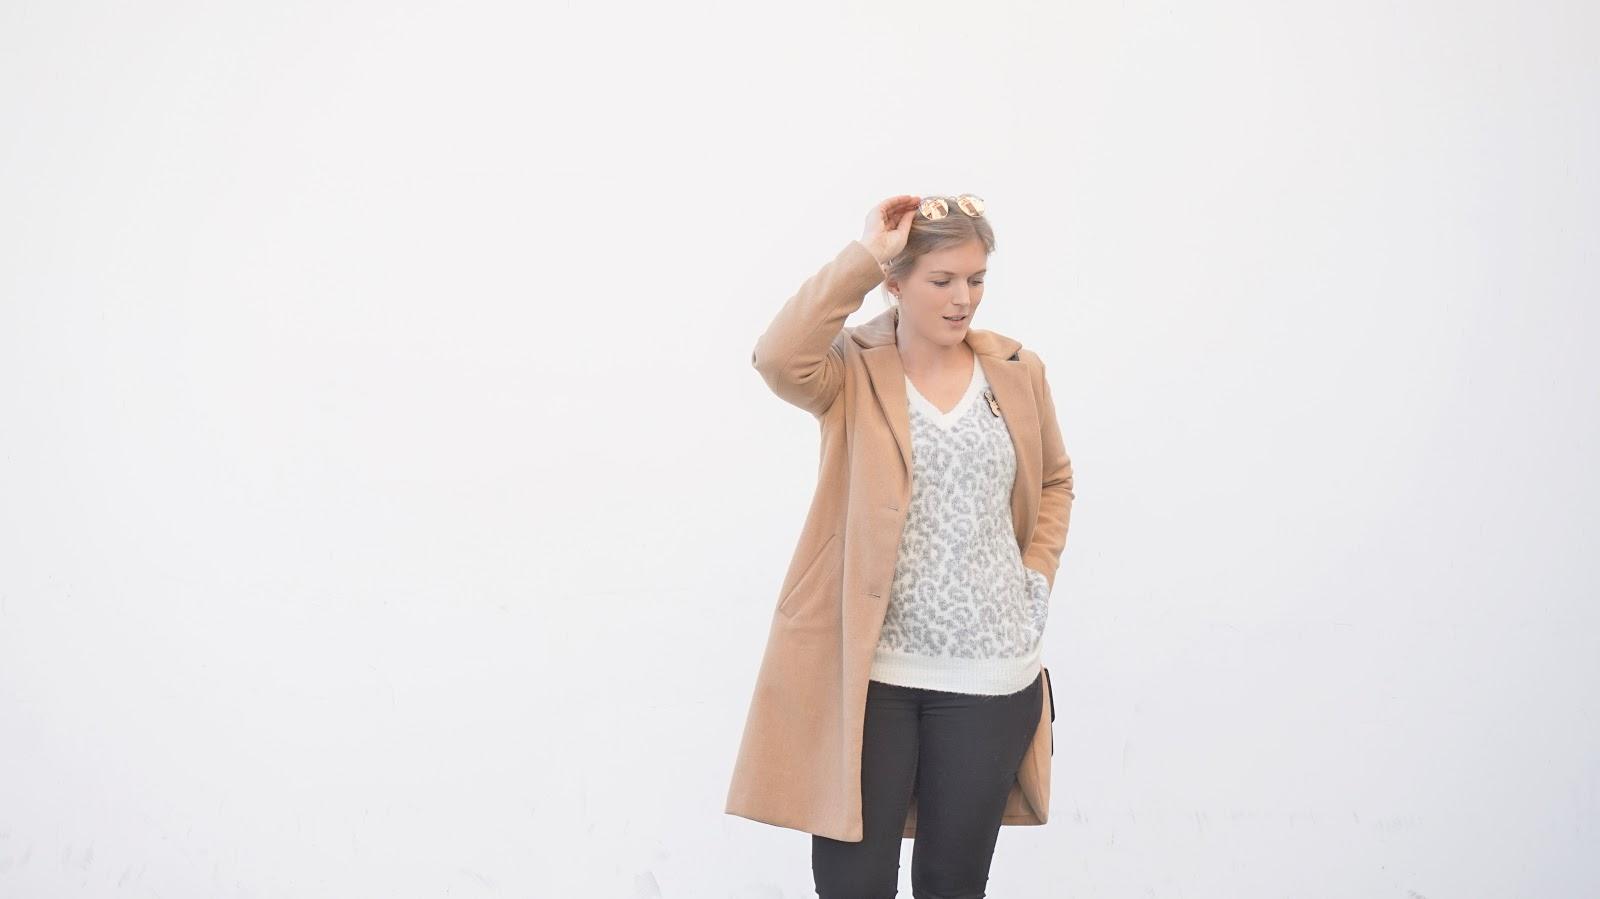 DSC01190 | Eline Van Dingenen